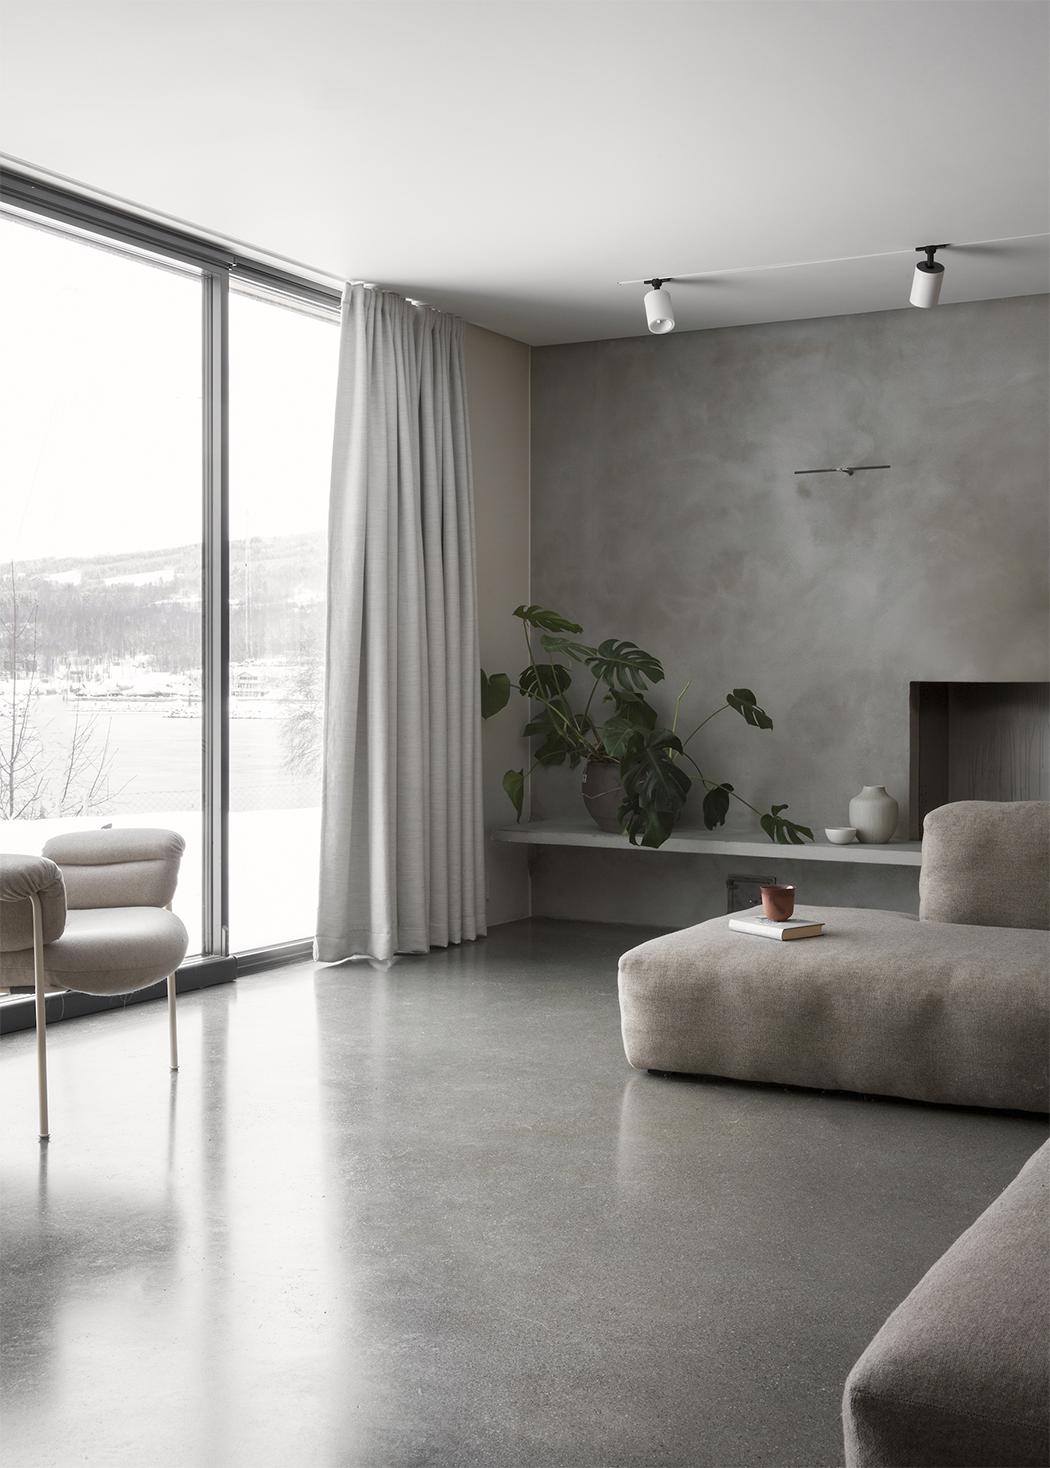 The gjøvik house by norm architects u modedamour Инс осень